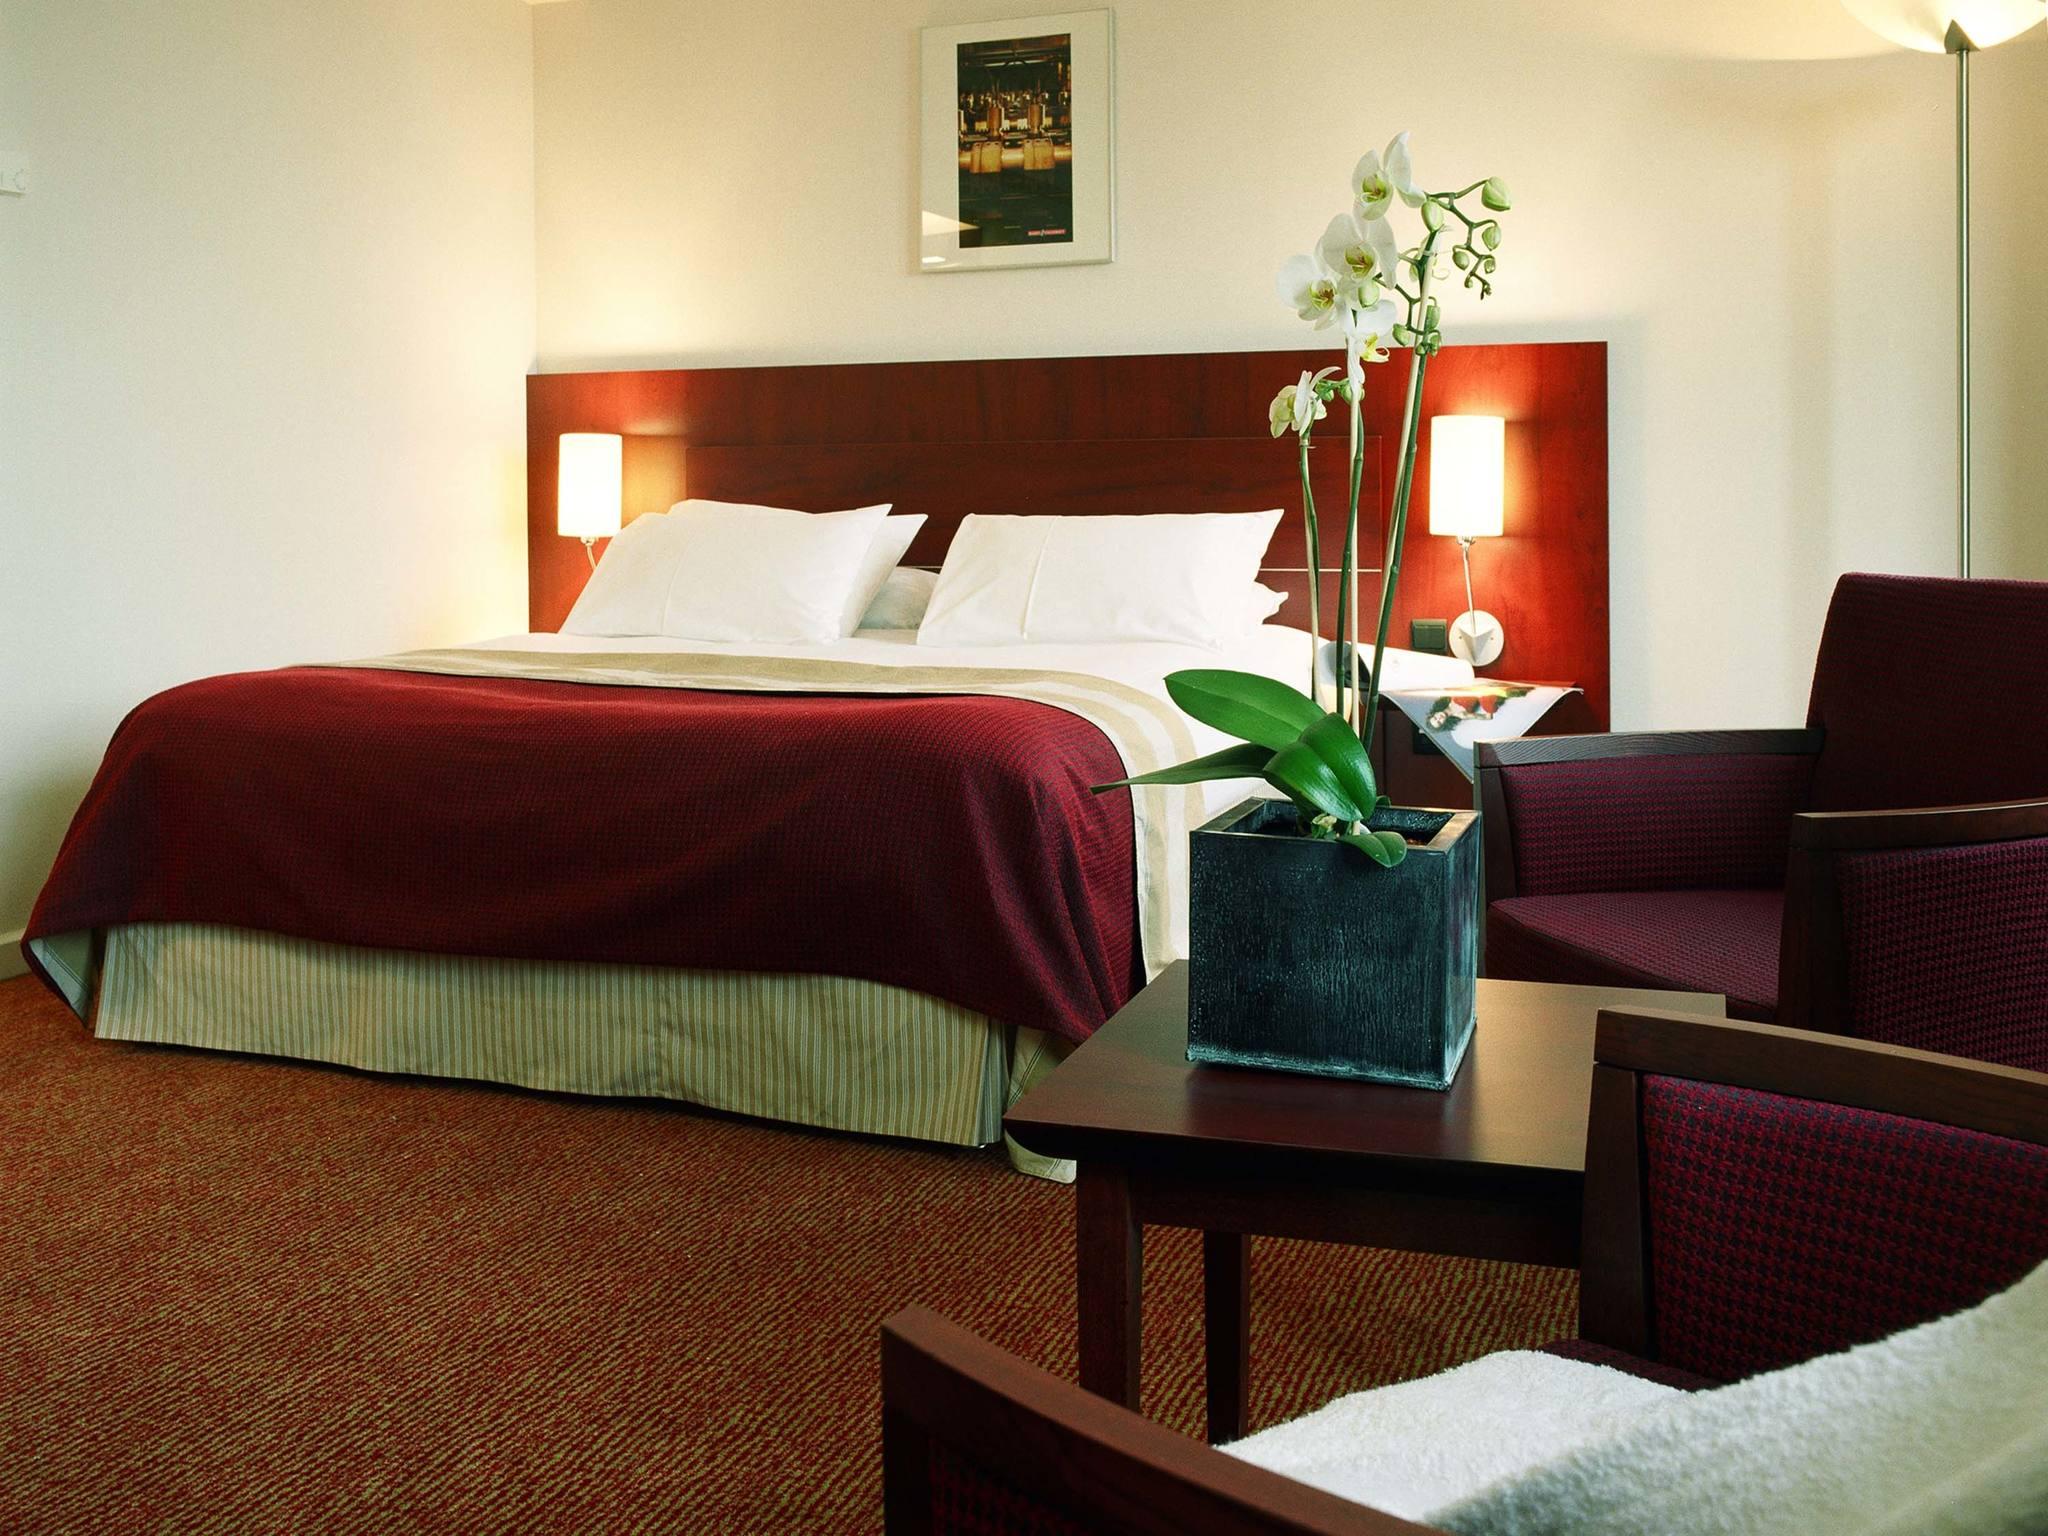 โรงแรม – โรงแรมเมอร์เคียว บรัสเซลส์ แอร์พอร์ต